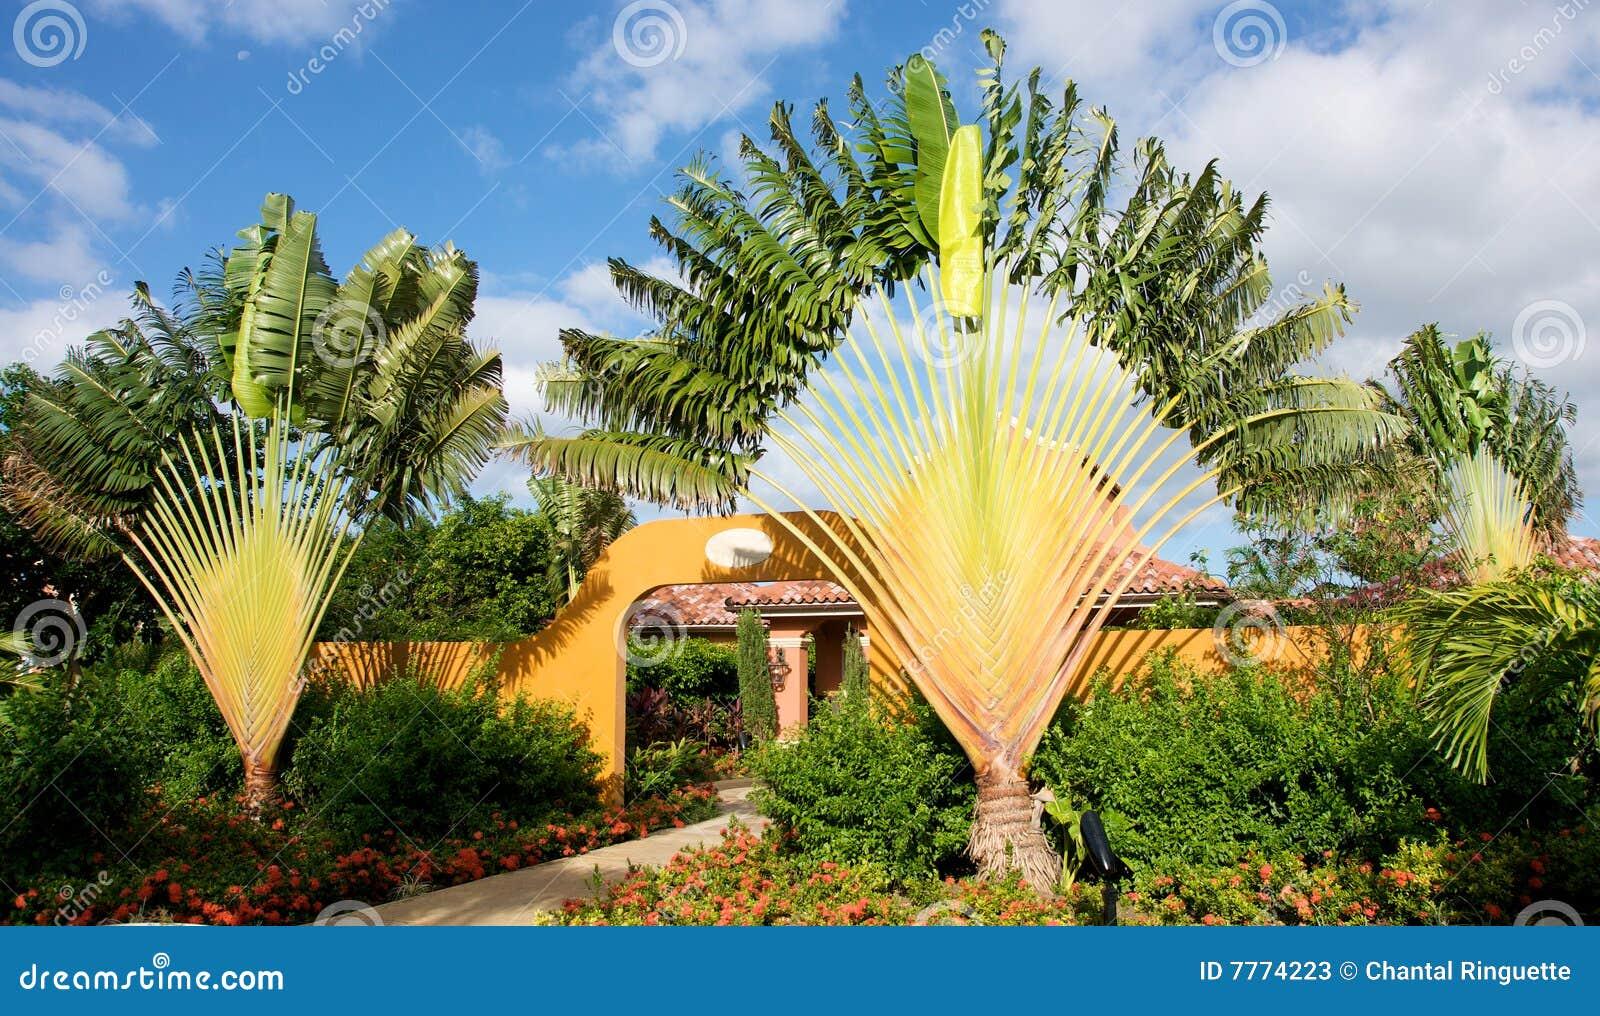 fotos jardins lindos : fotos jardins lindos:Beautiful Tropical Garden Trees